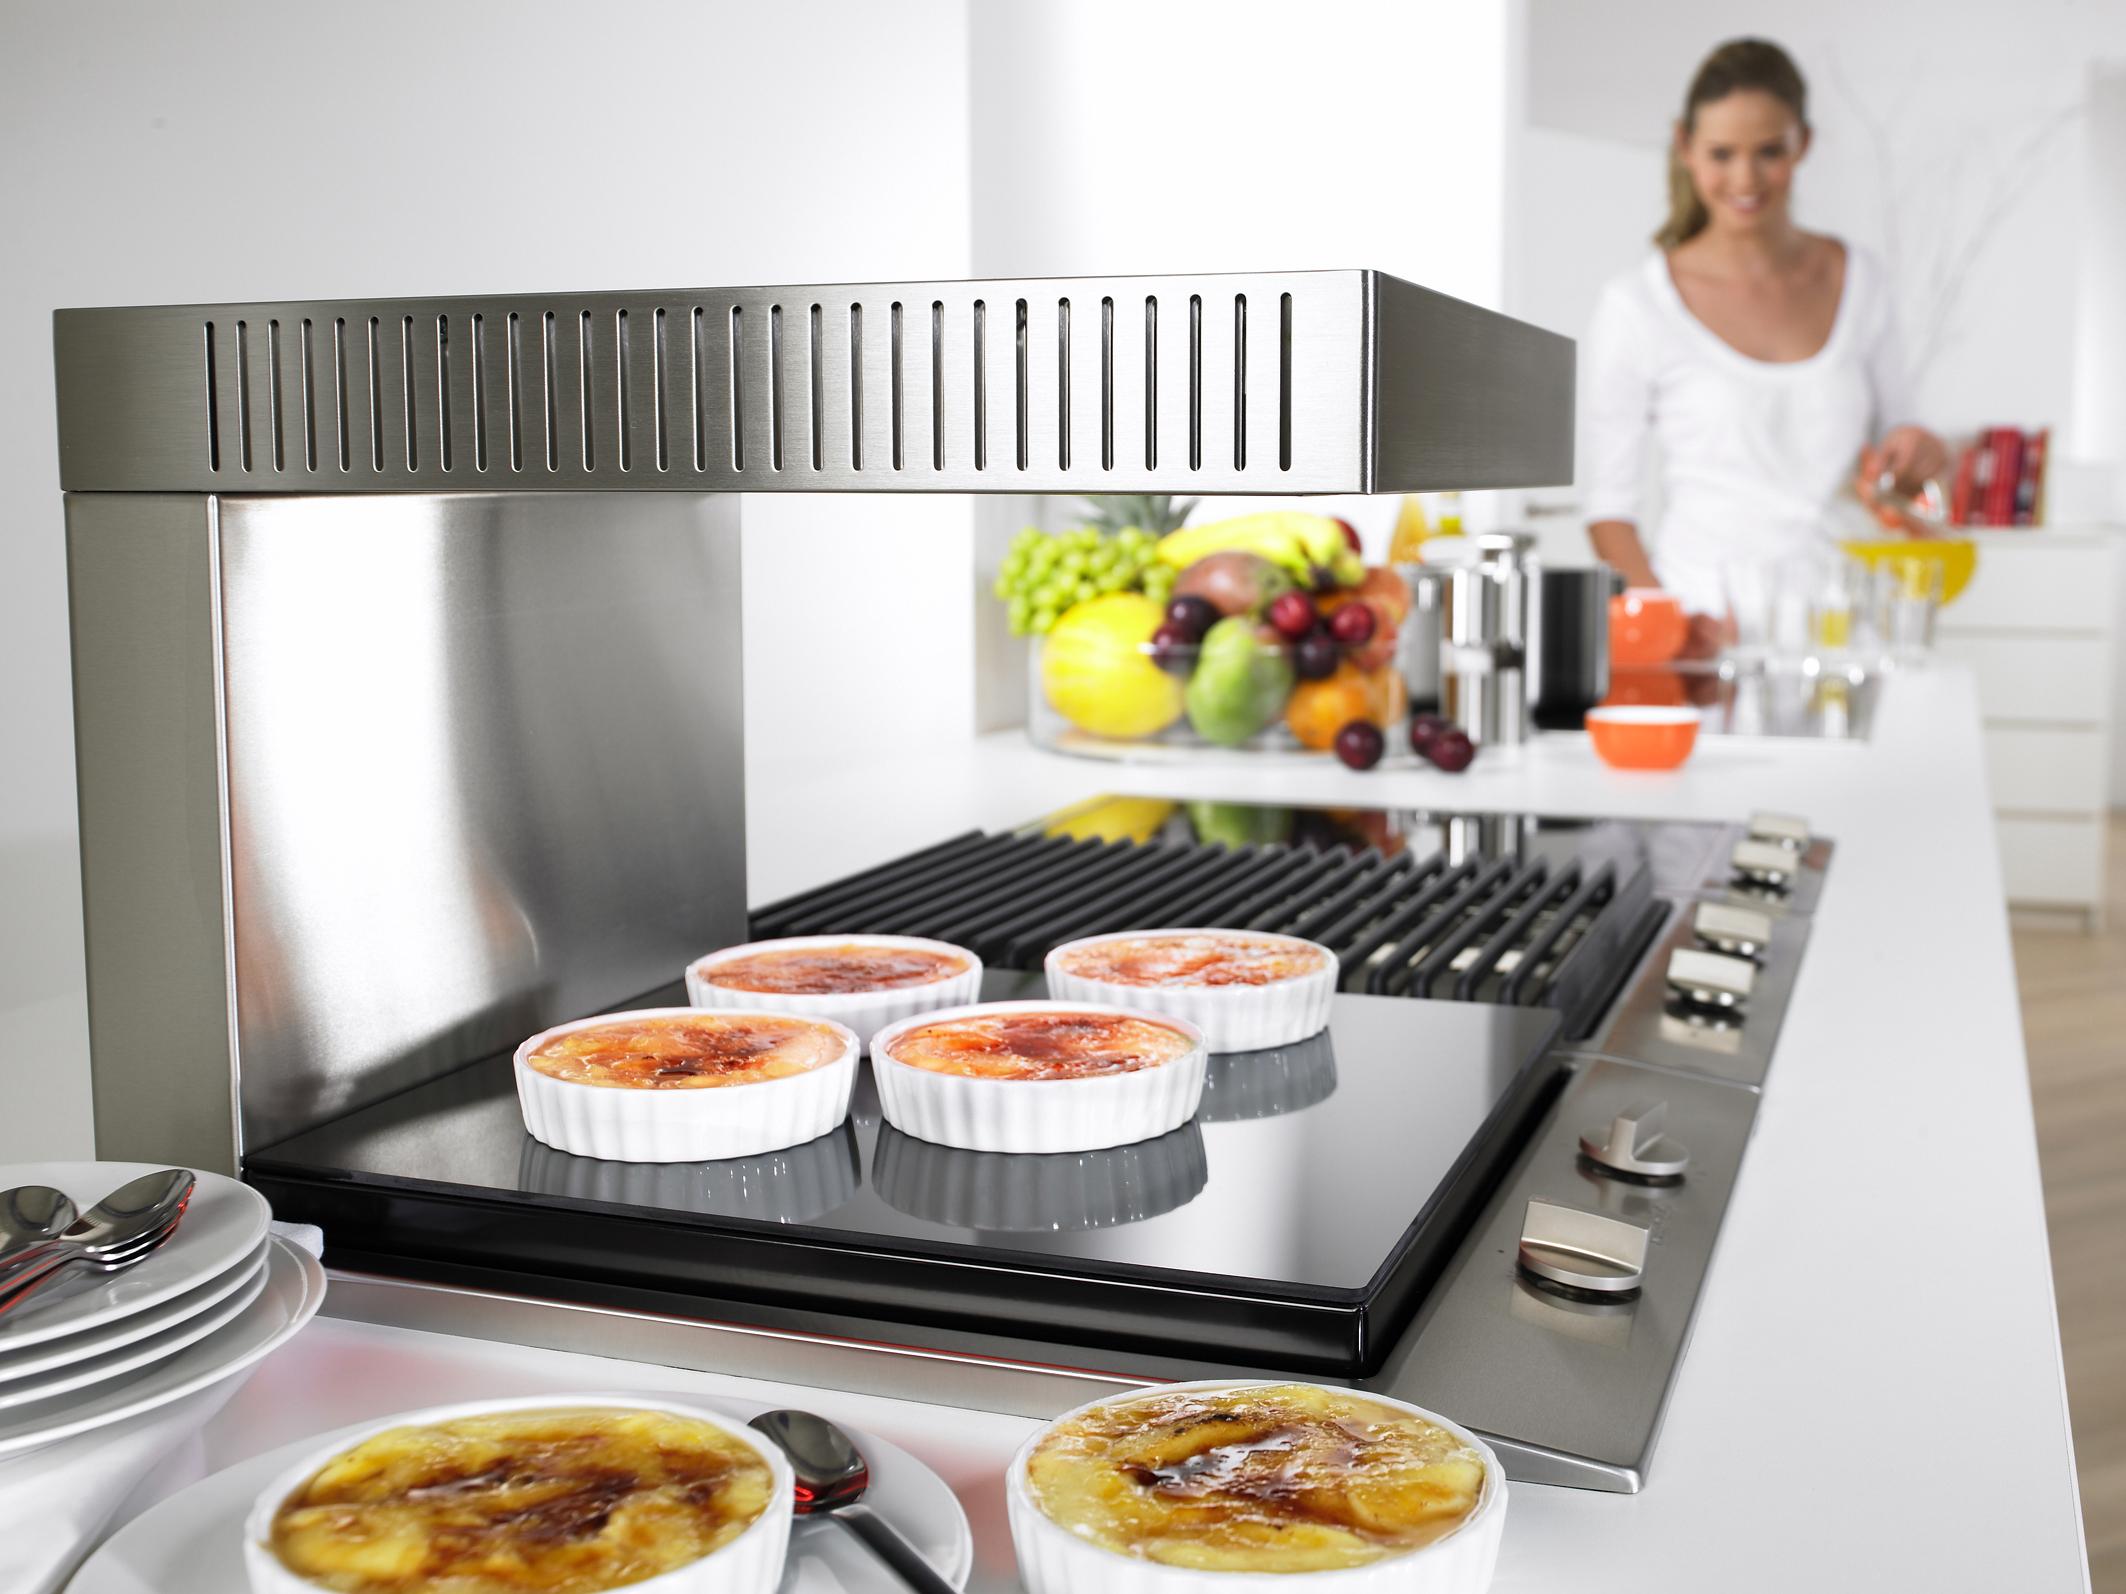 ifa aktuell: ein neues kochgerät für das warmhalten, gratinieren